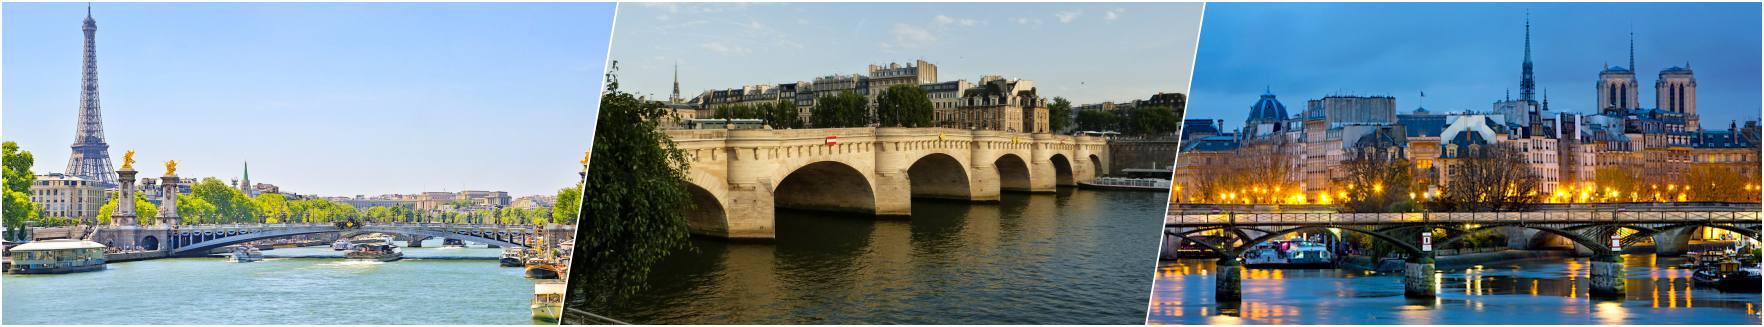 Paris - Pont Neuf - Isle de la Cite